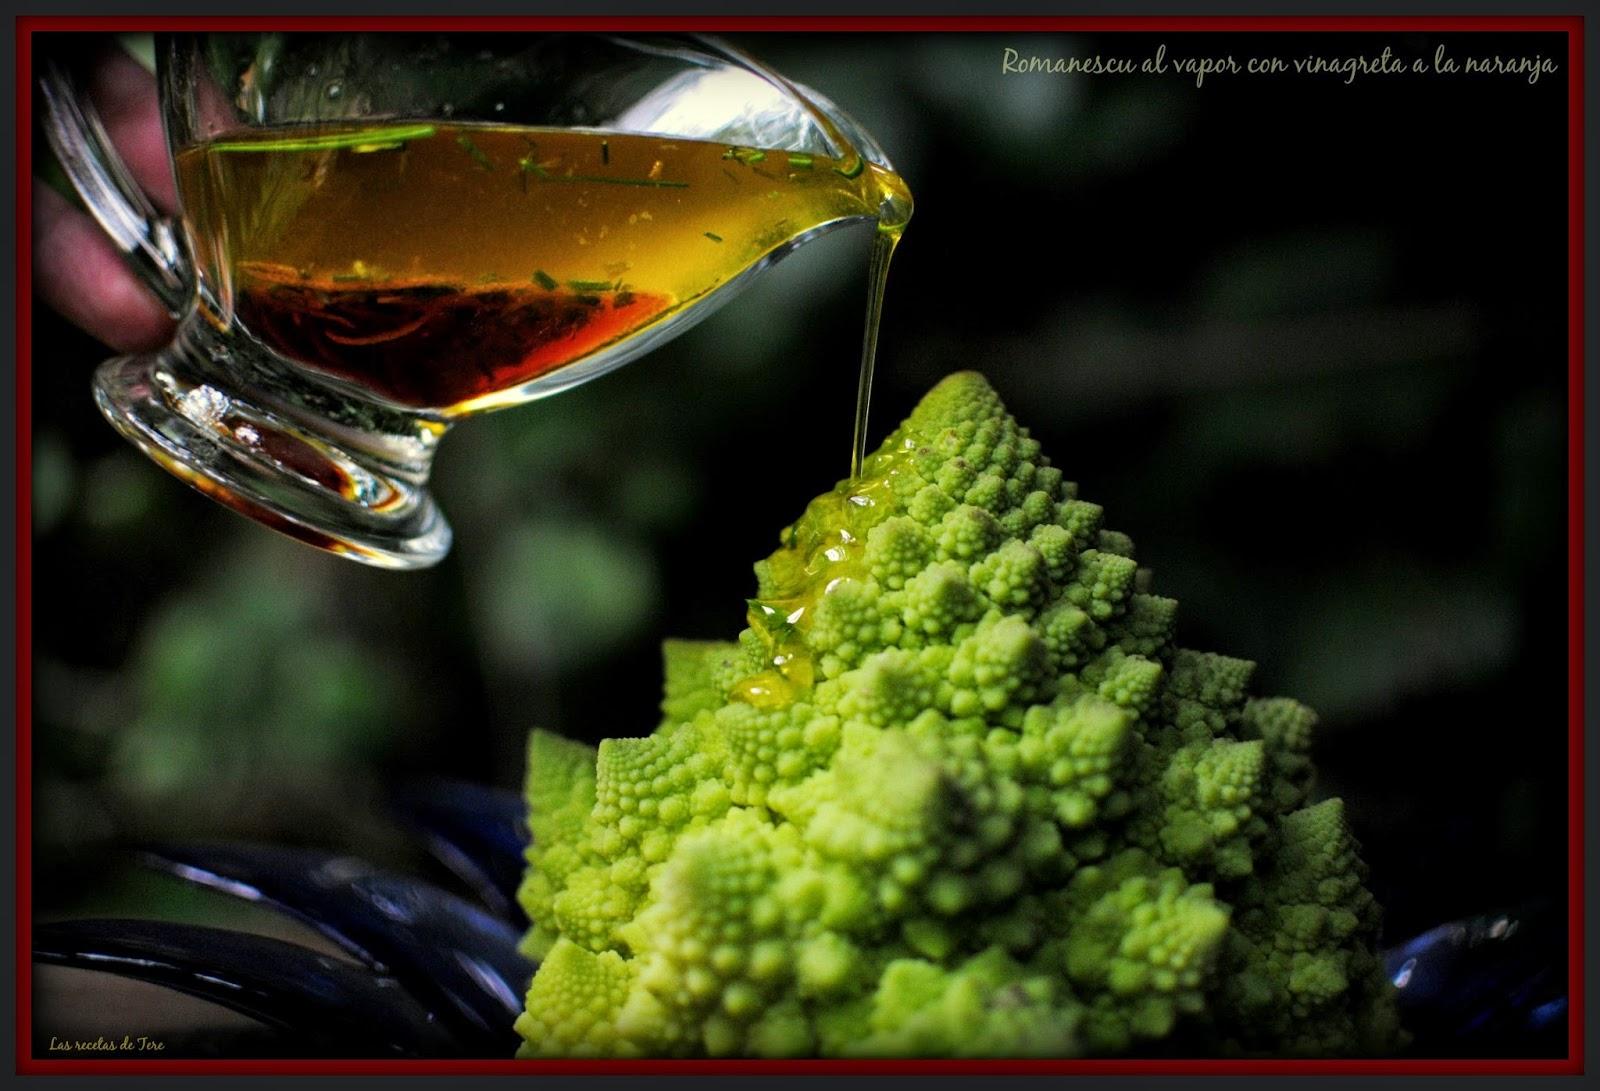 Romanescu al vapor con vinagreta a la naranja tererecetas 01